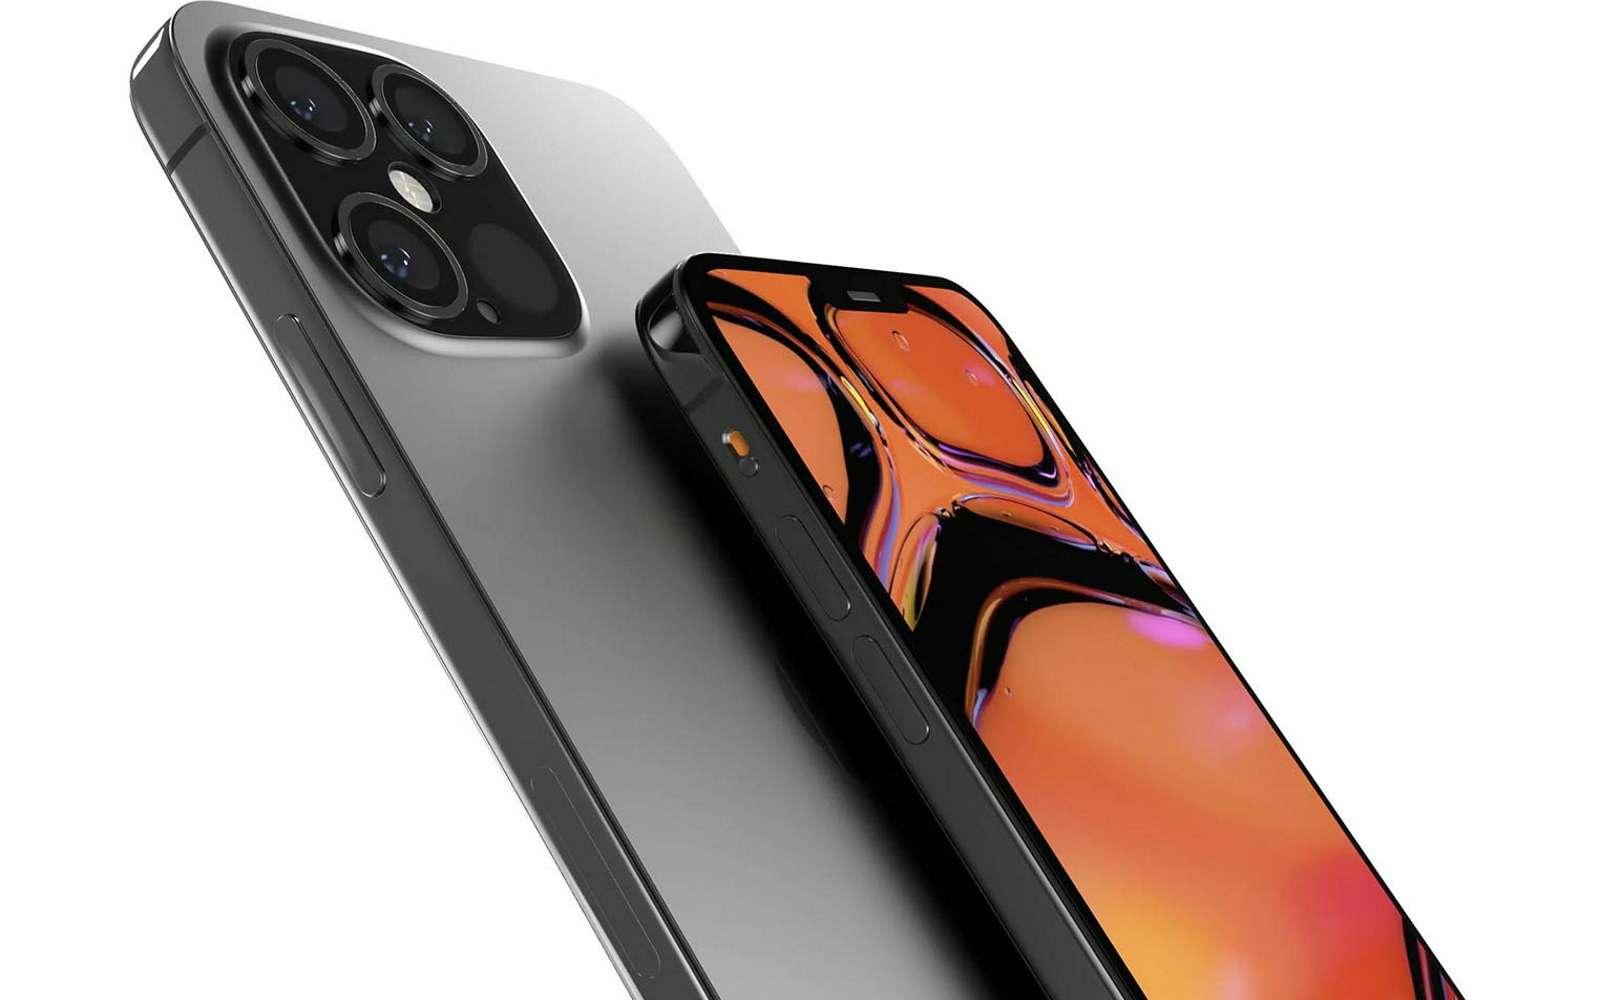 La fuite d'un schéma de l'iPhone 12 Pro confirme la présence du capteur Lidar. © EverythingApplePro